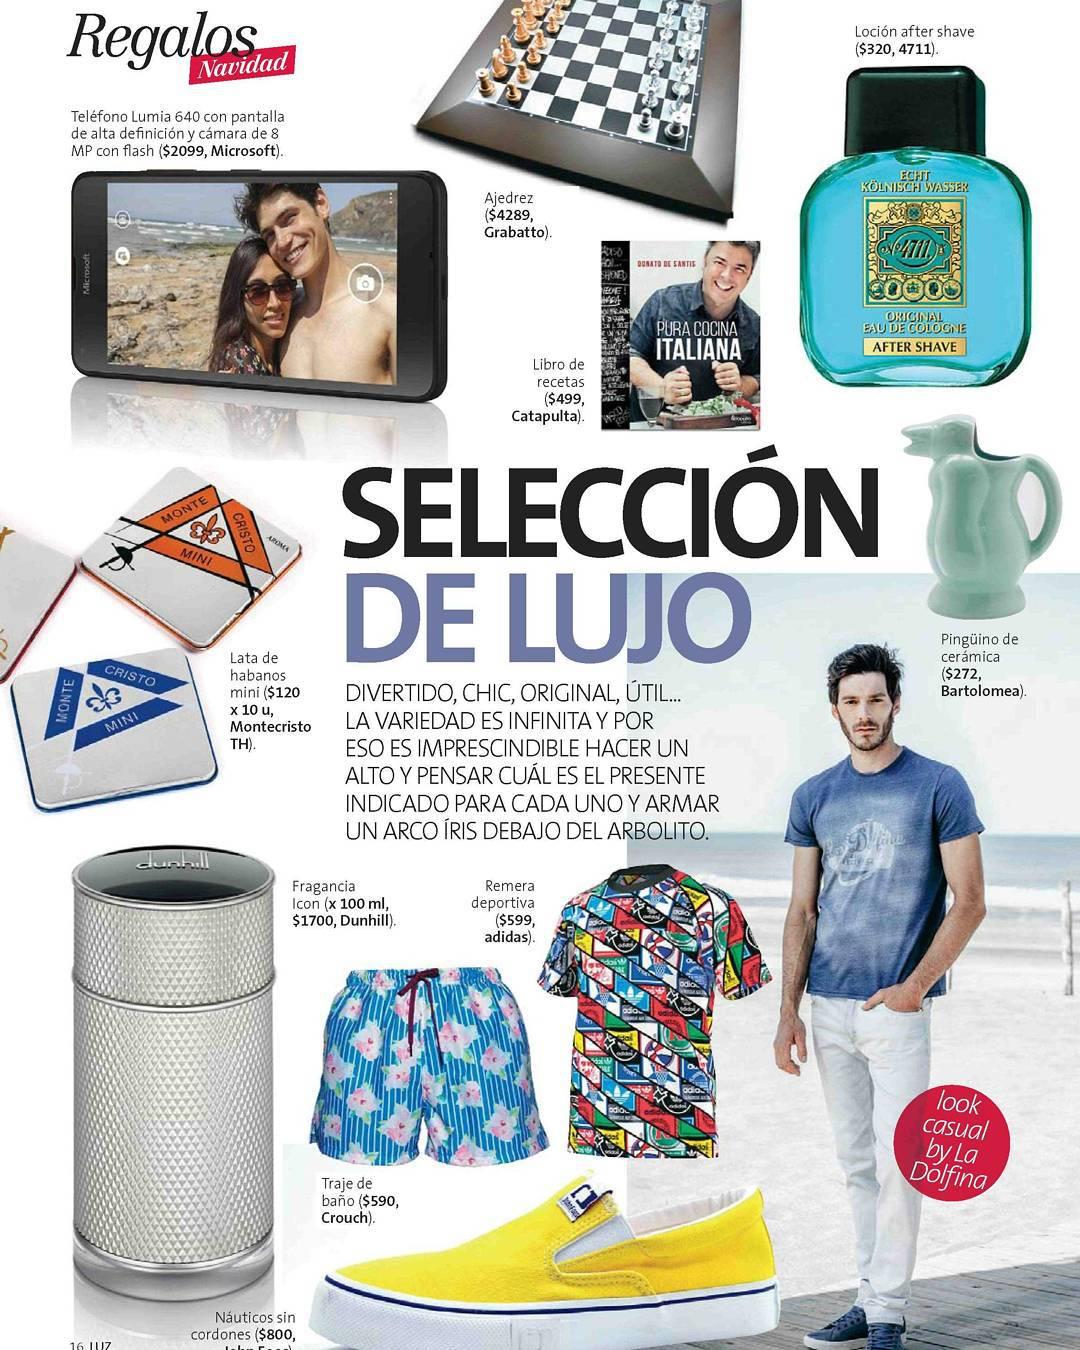 Este mes, salimos en Revista LUZ junto a grandes marcas. ¡Muchas gracias!